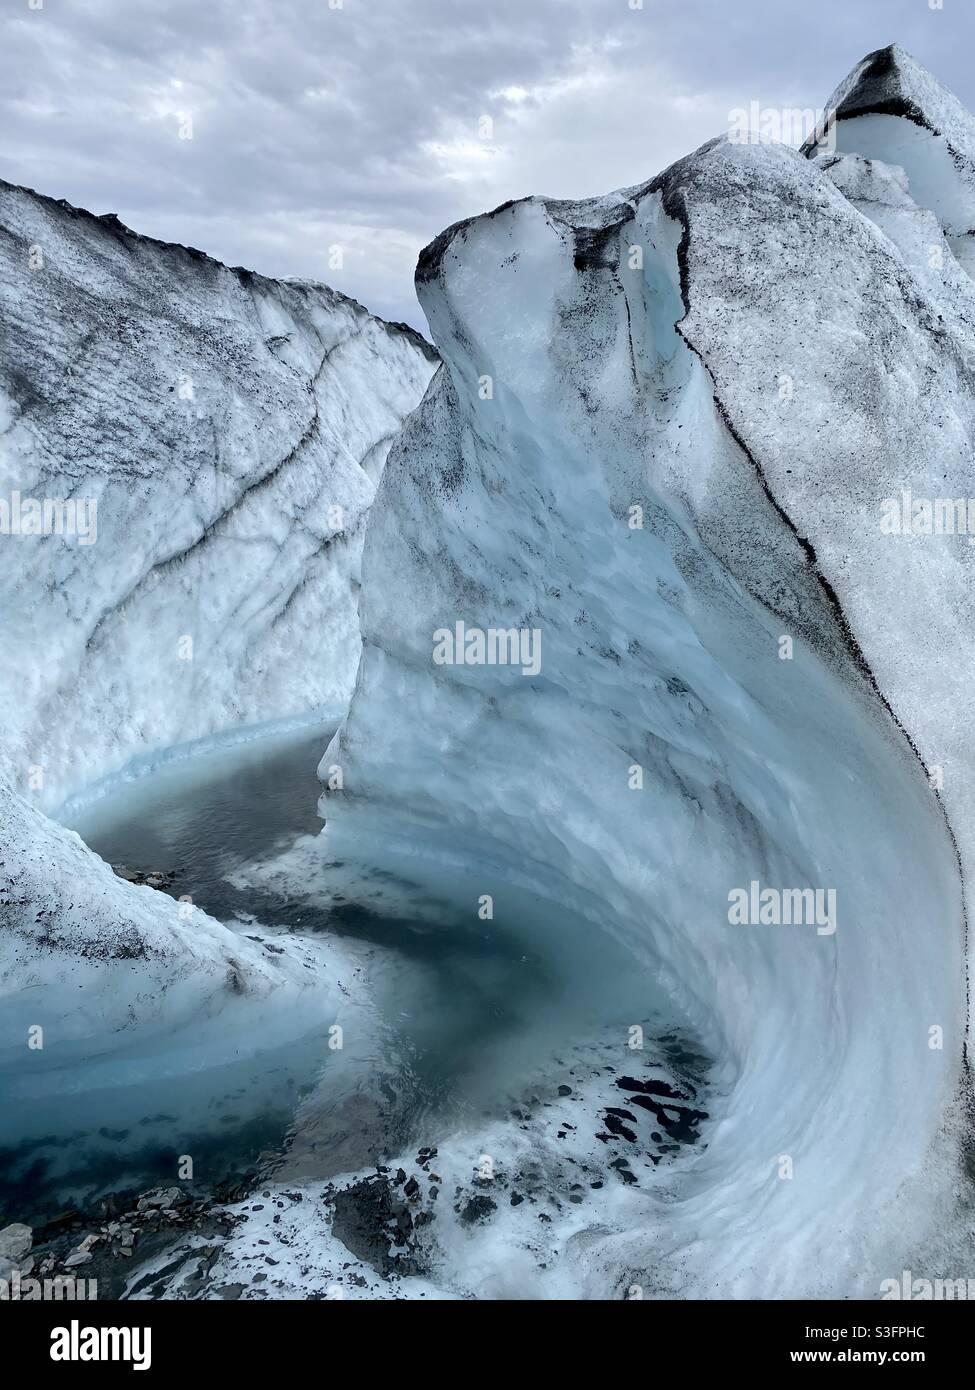 Formazione di ghiaccio sul ghiacciaio Matanuska a Sutton, Alaska. Foto Stock